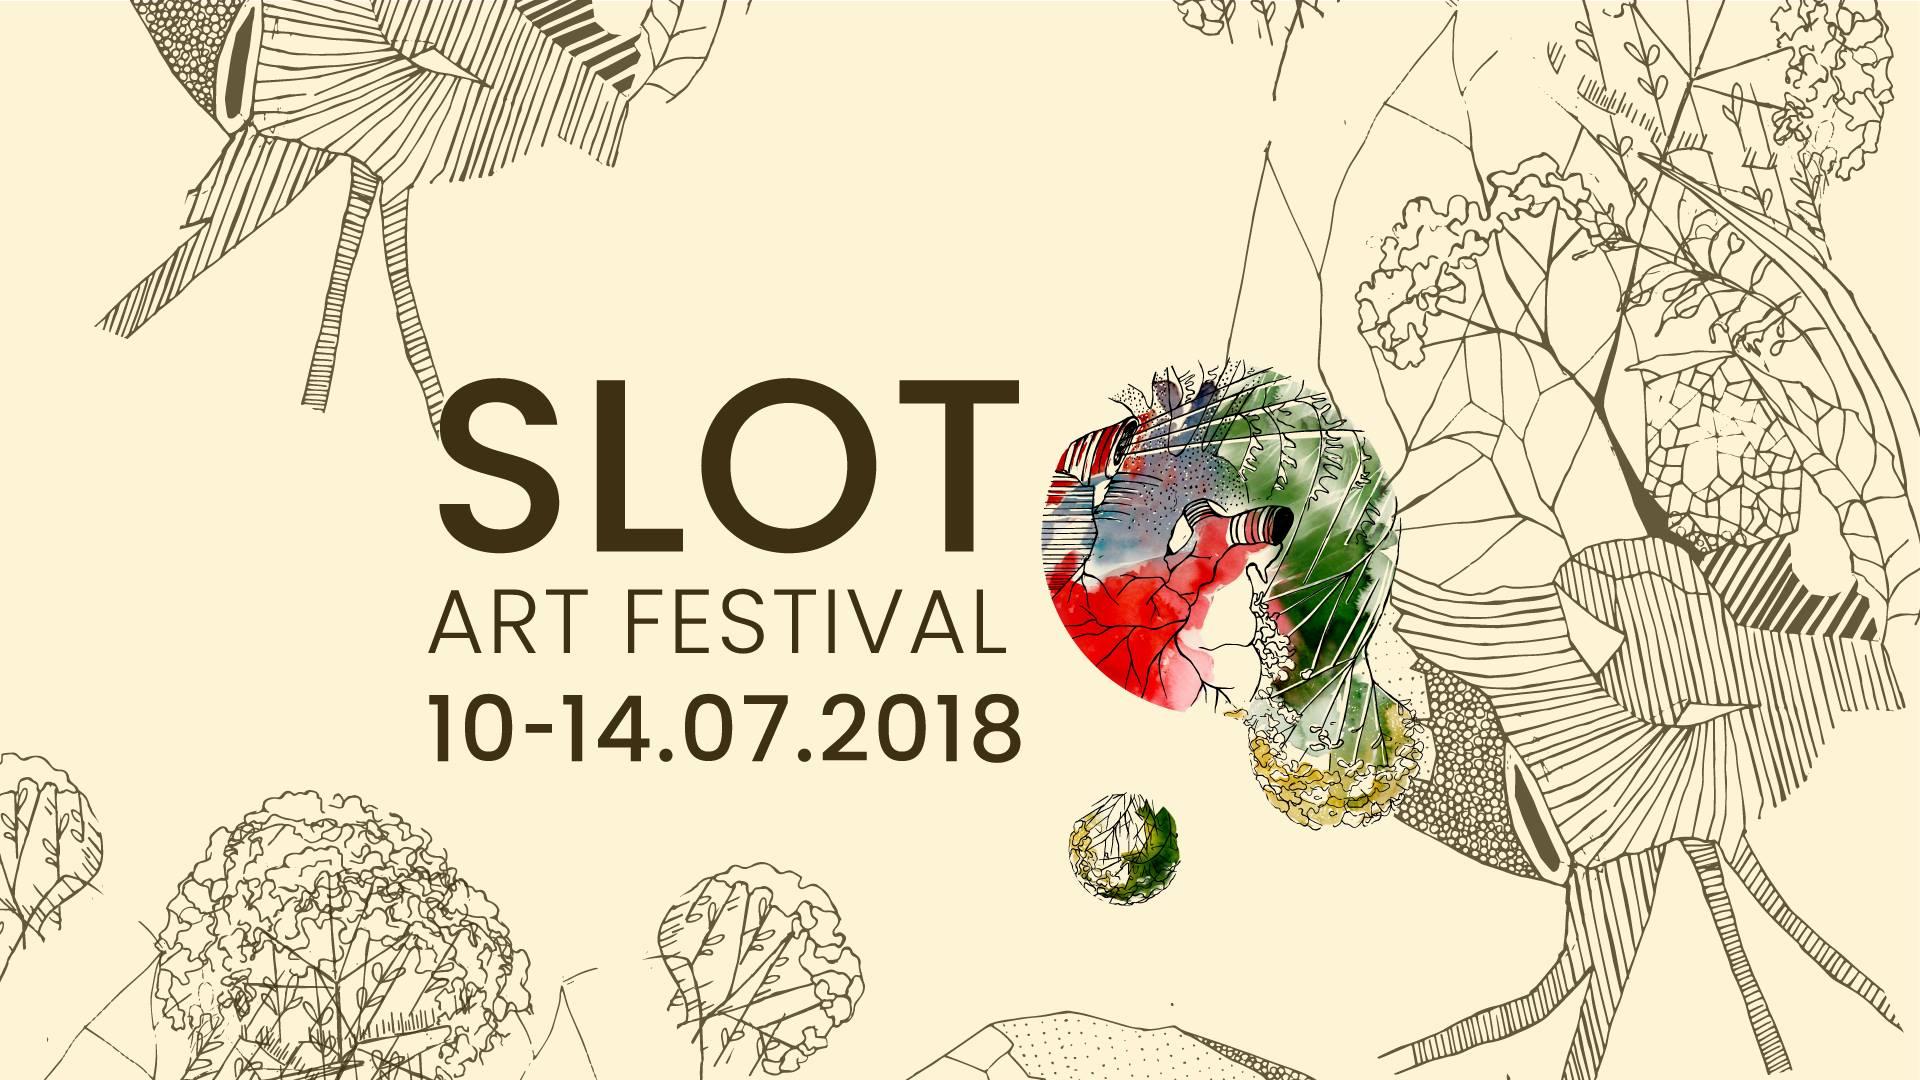 slot art festival 2018